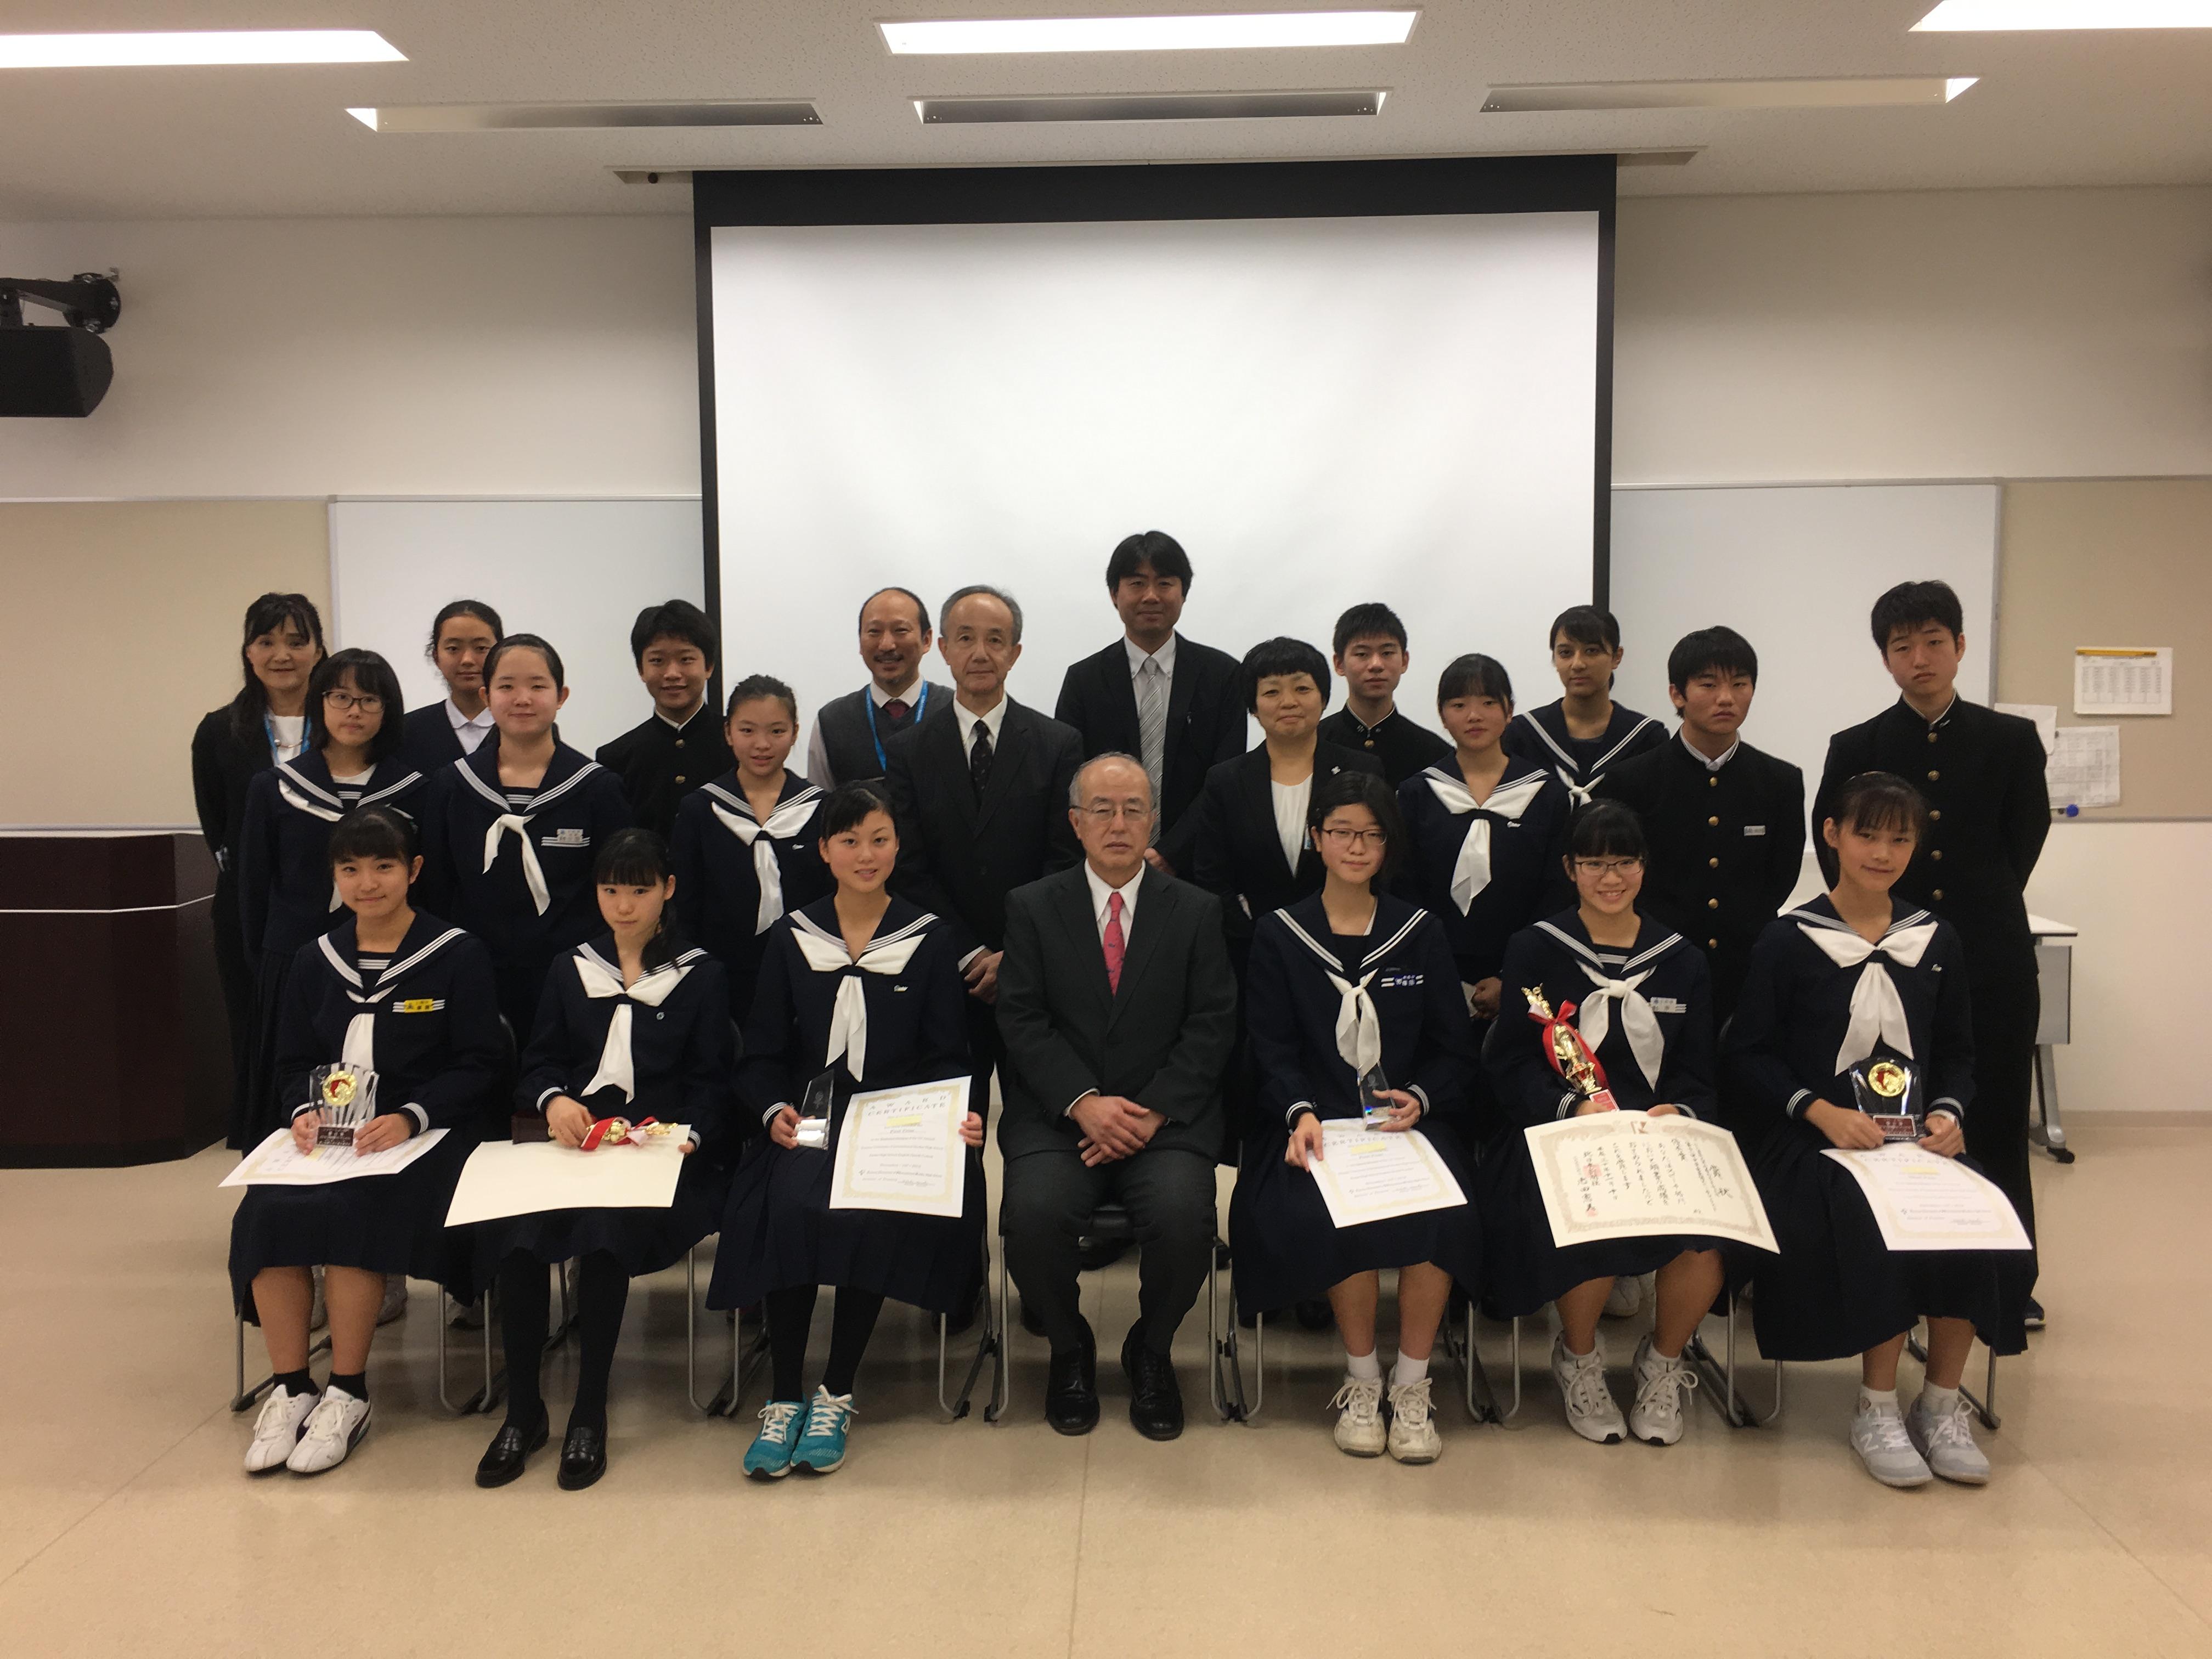 富山 国際 大学 富山国際大学の出身高校ランキング みんなの大学情報